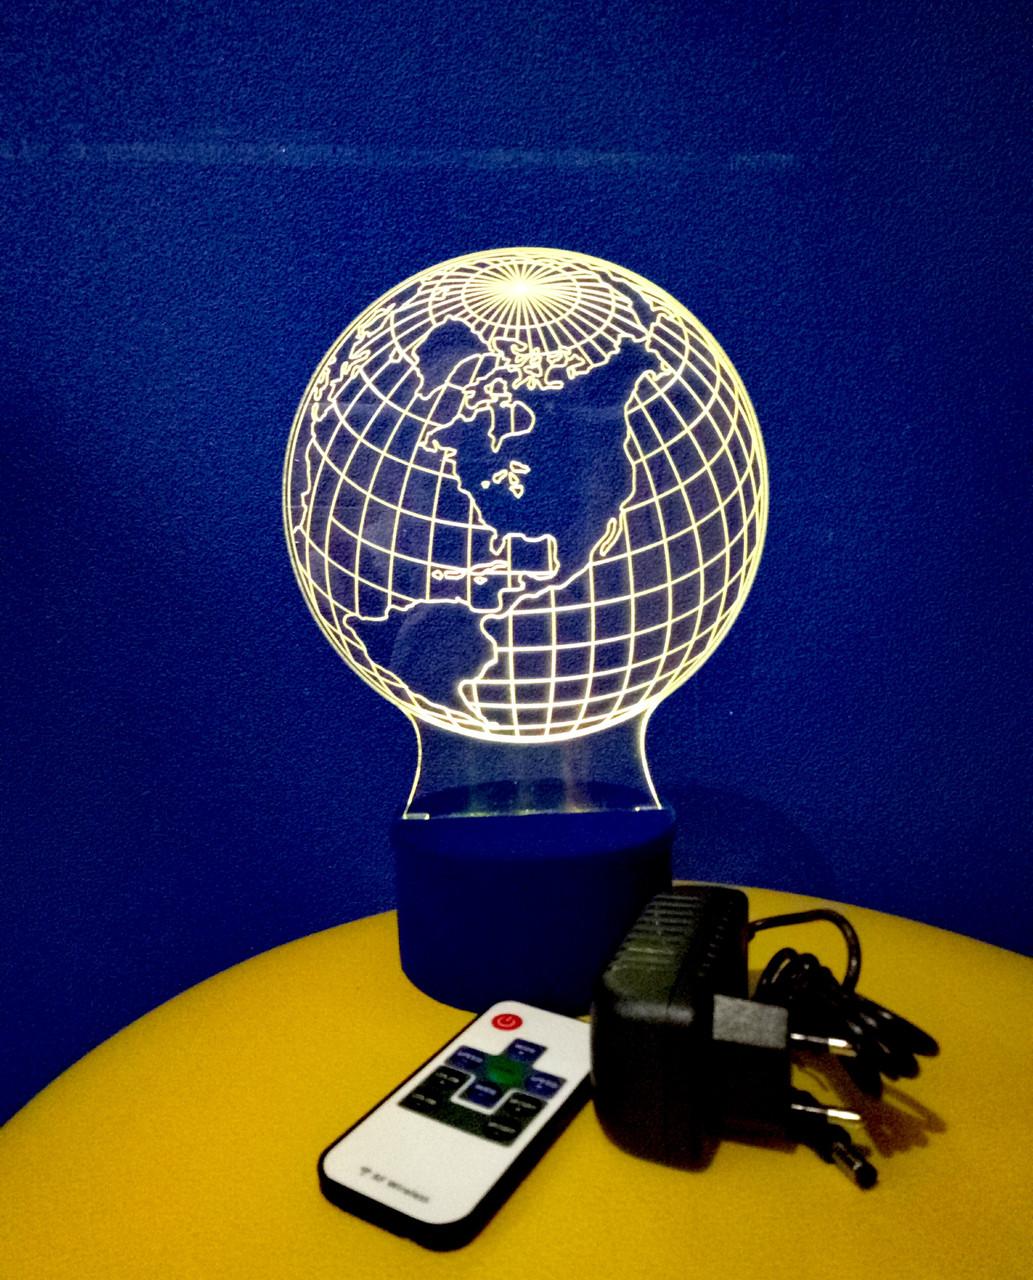 3d-світильник Глобус, 3д-нічник, кілька підсвічувань (на пульті)